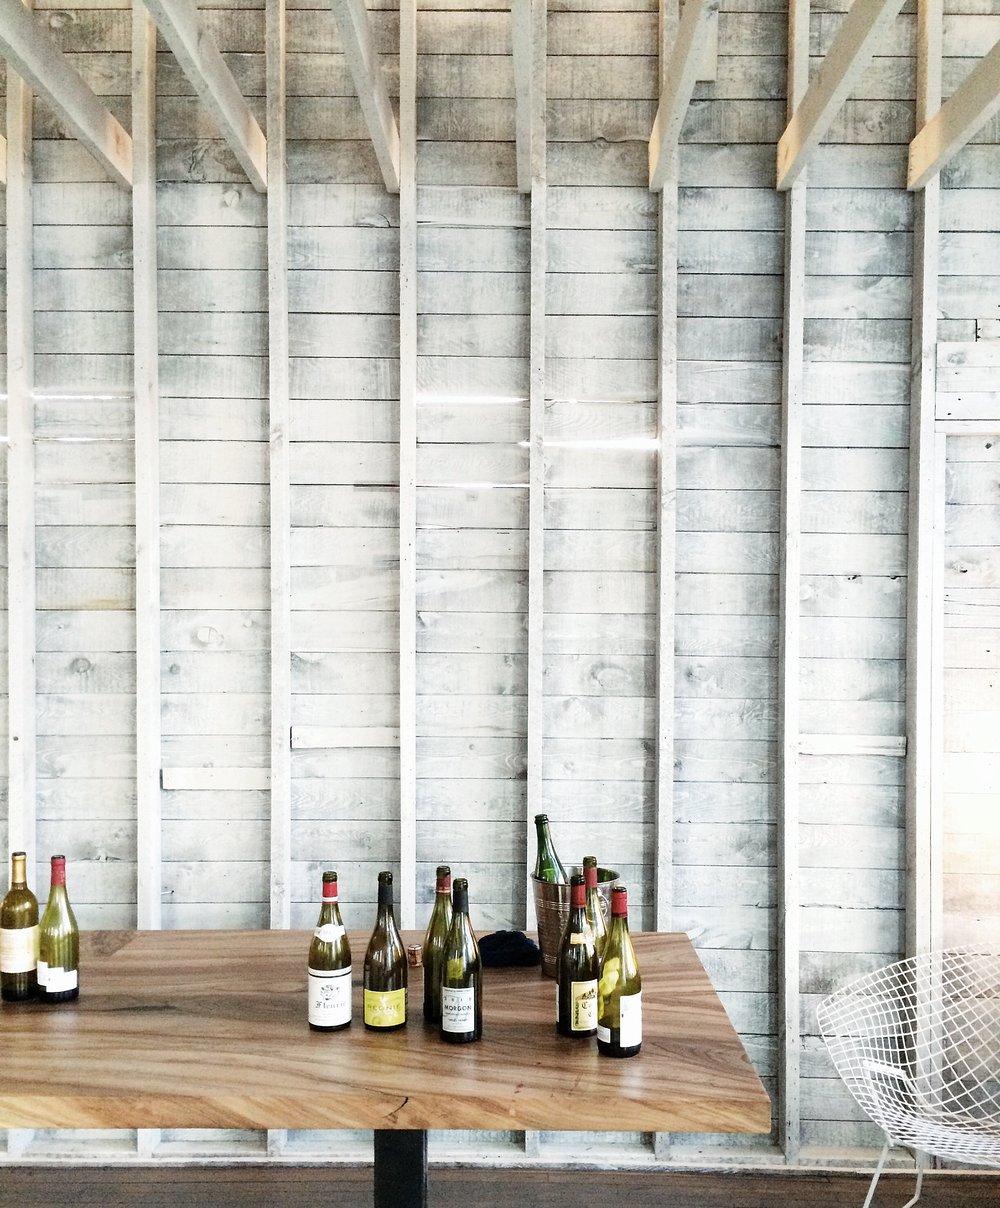 Upton 43 - Emilio Moro Wine Dinner